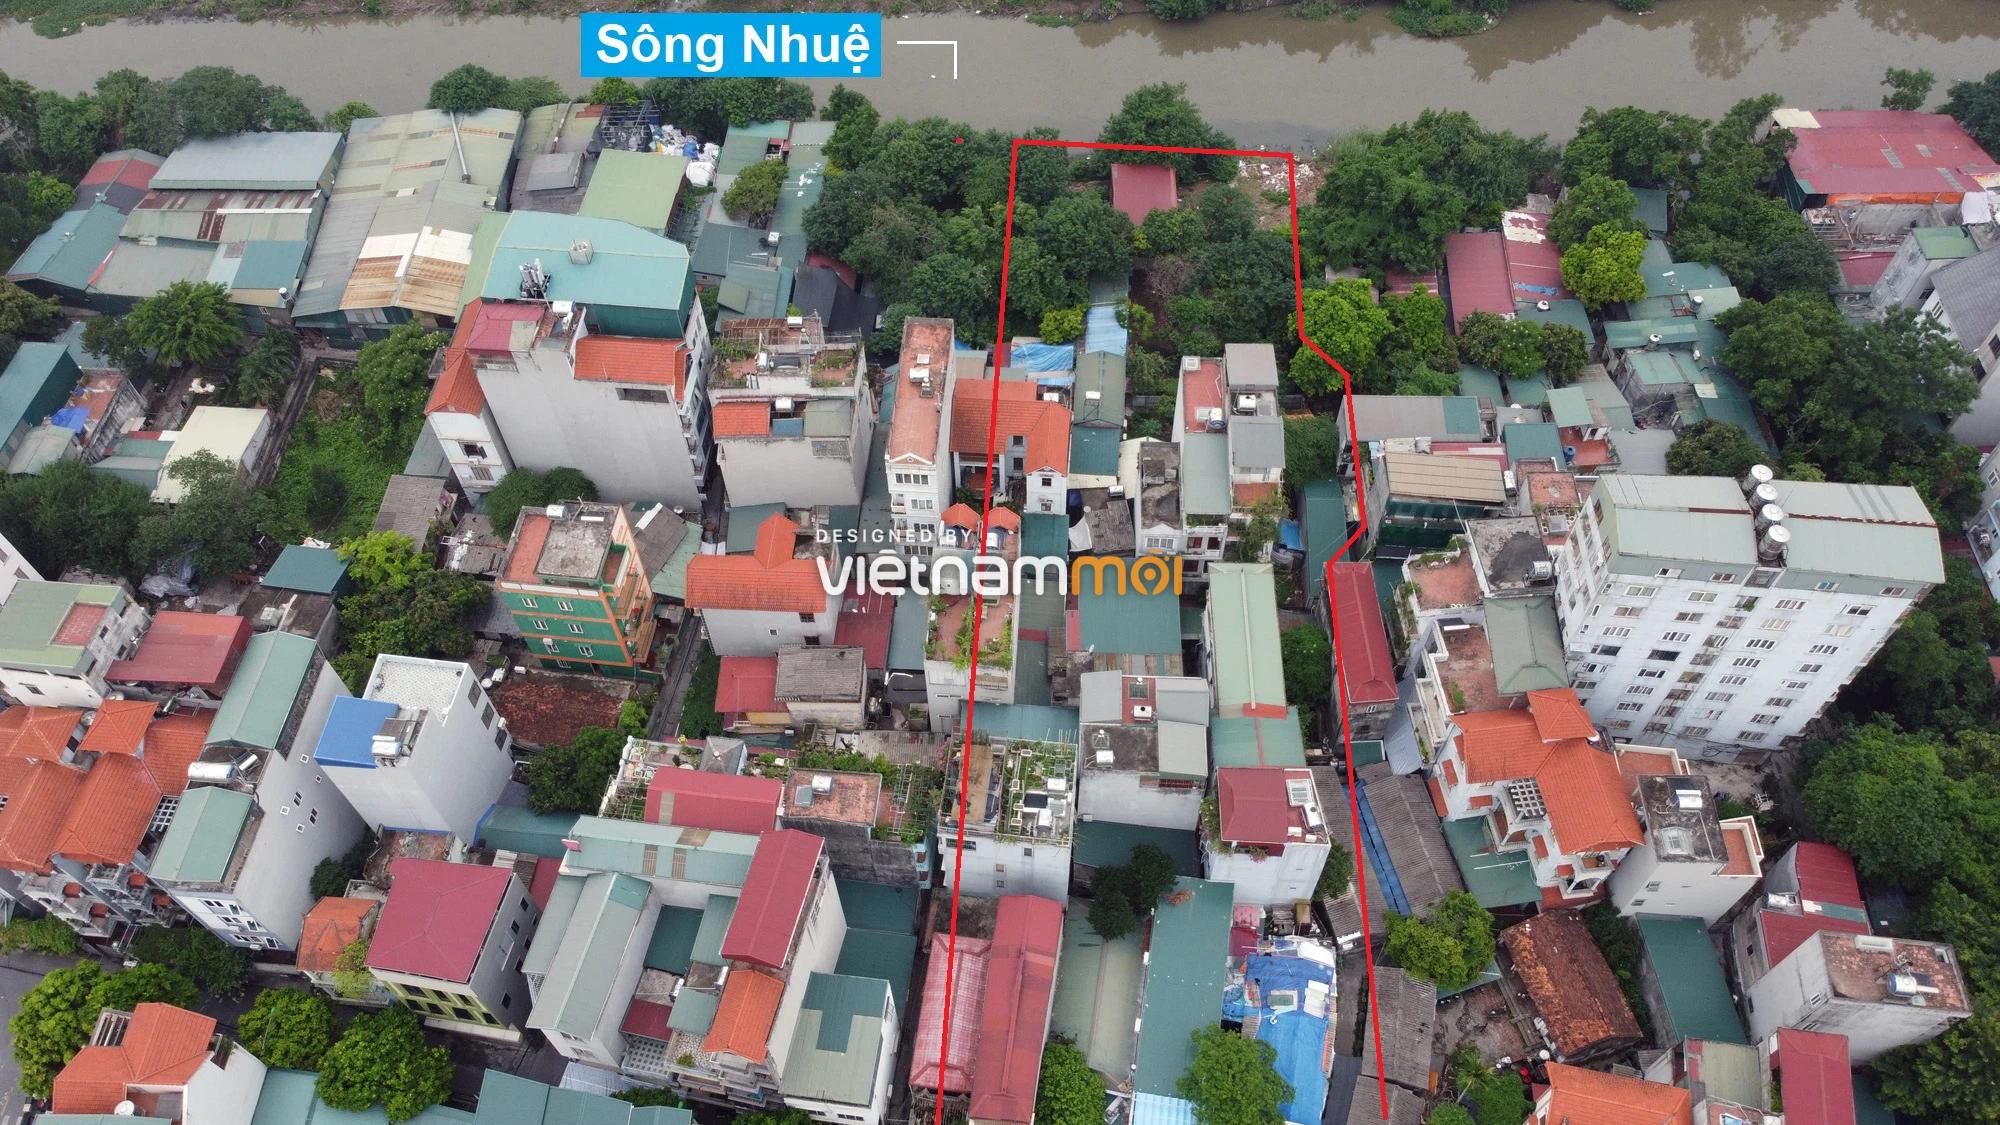 Những khu đất sắp thu hồi để mở đường ở phường Trung Văn, Nam Từ Liêm, Hà Nội (phần 1) - Ảnh 6.